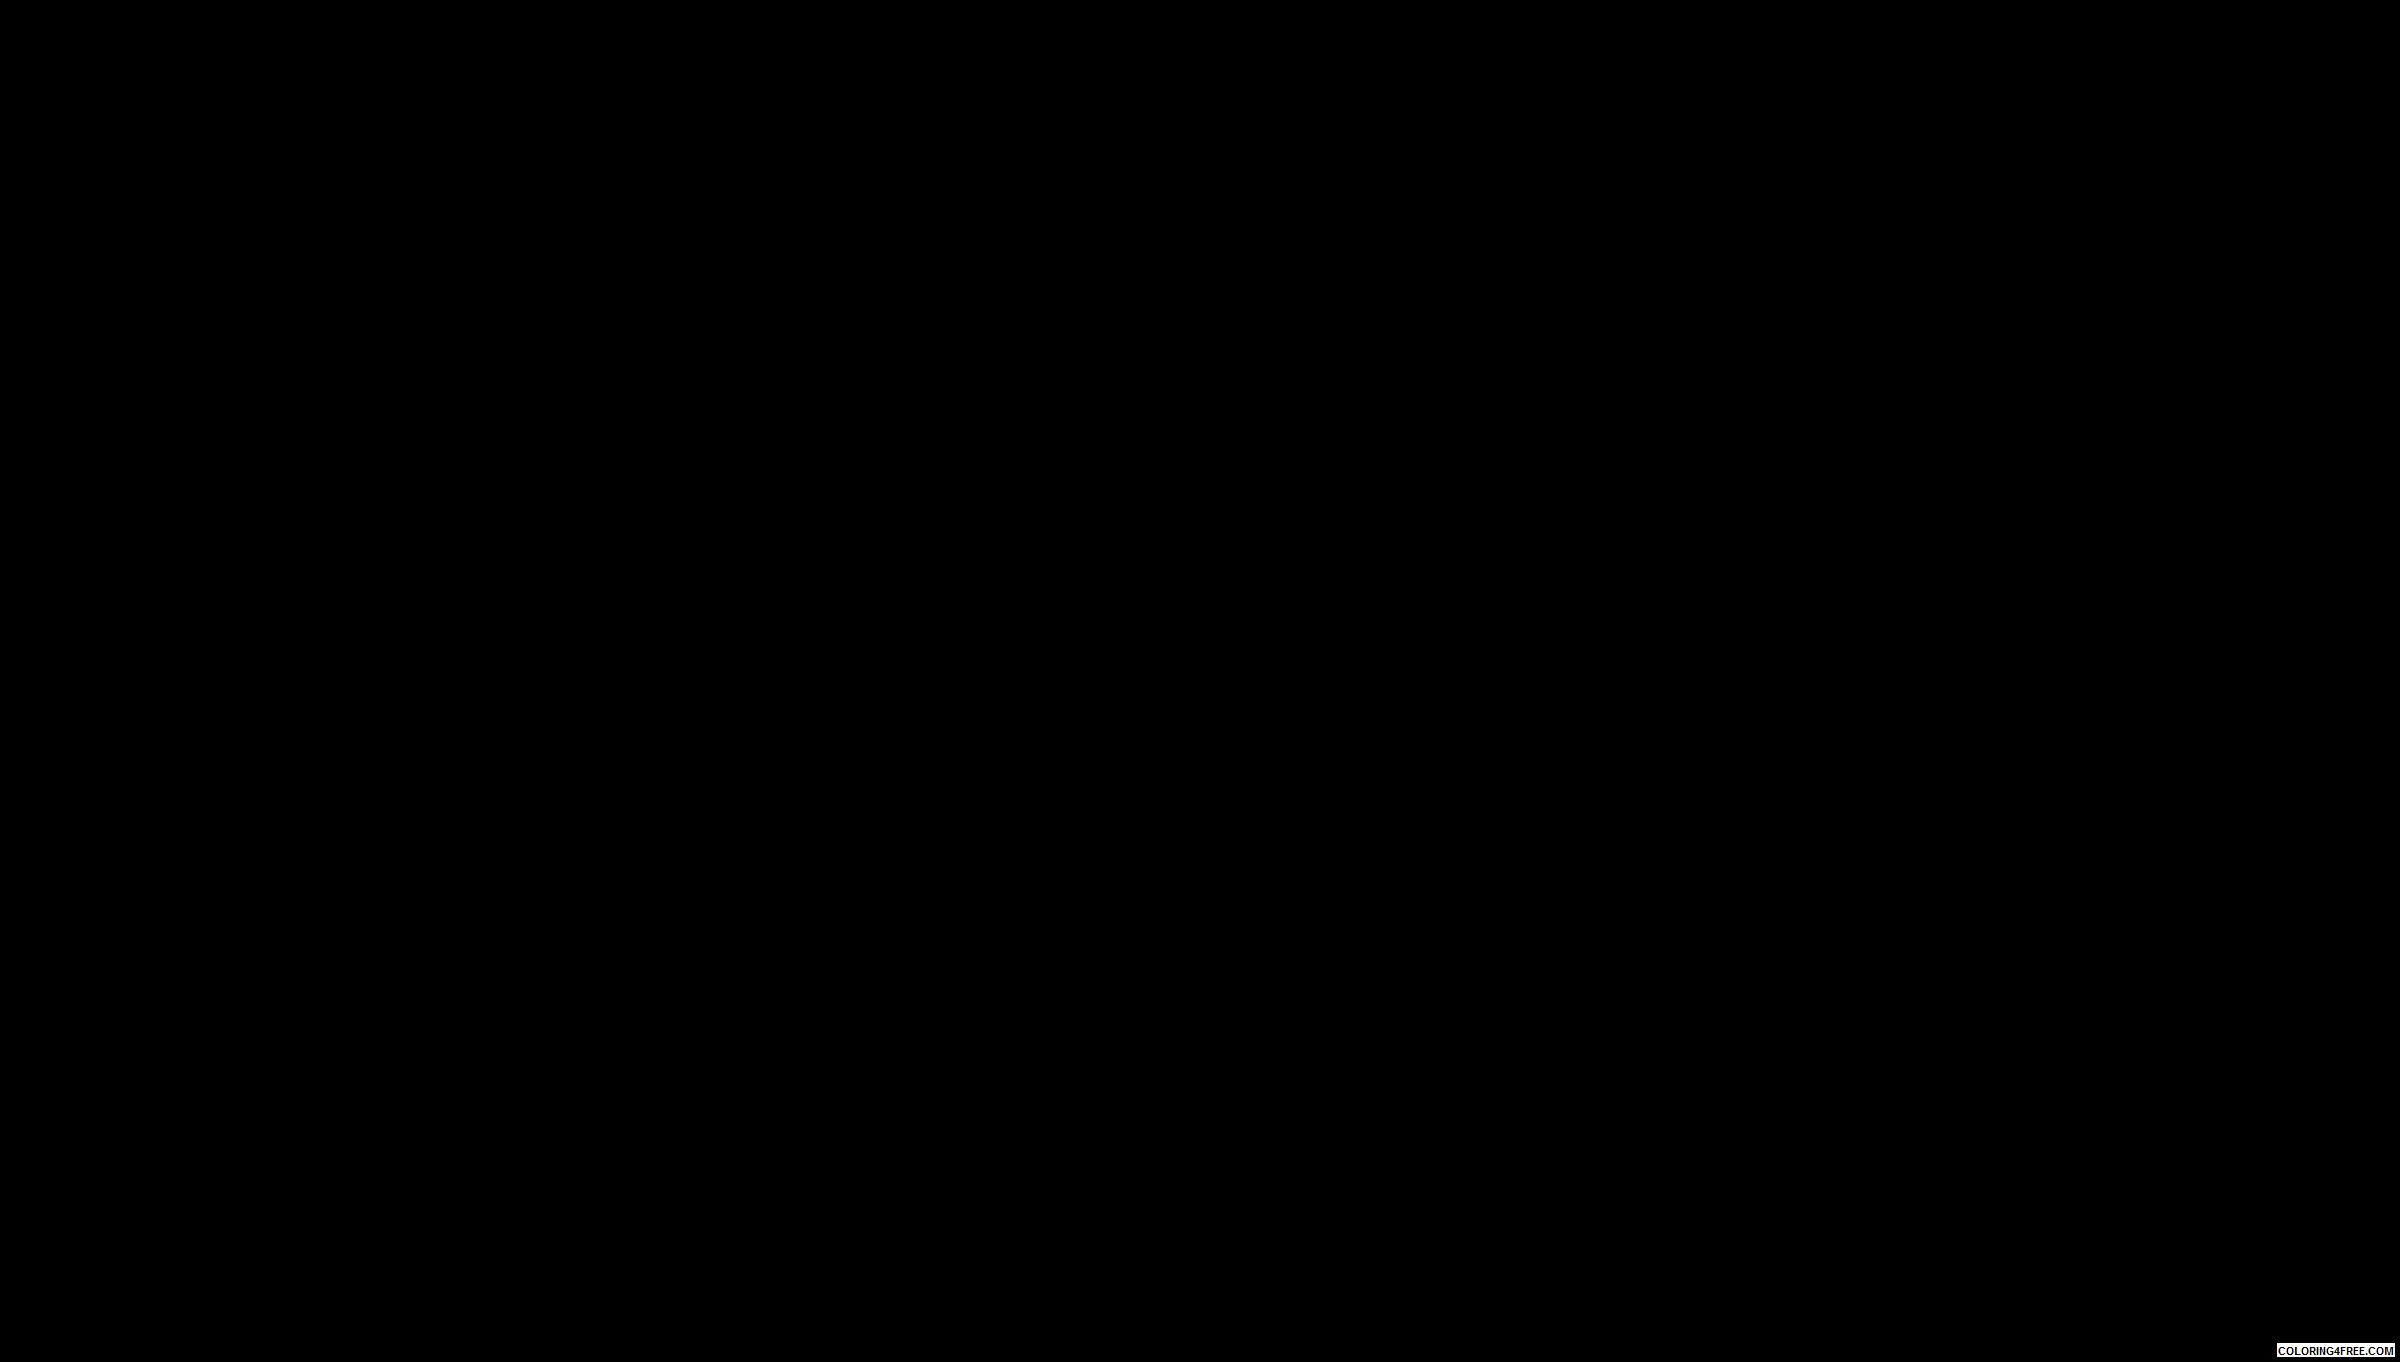 Tyrannosaurus Deinonychus Drawing Dinosaur Alamosaurus, PNG ... | 1362x2400